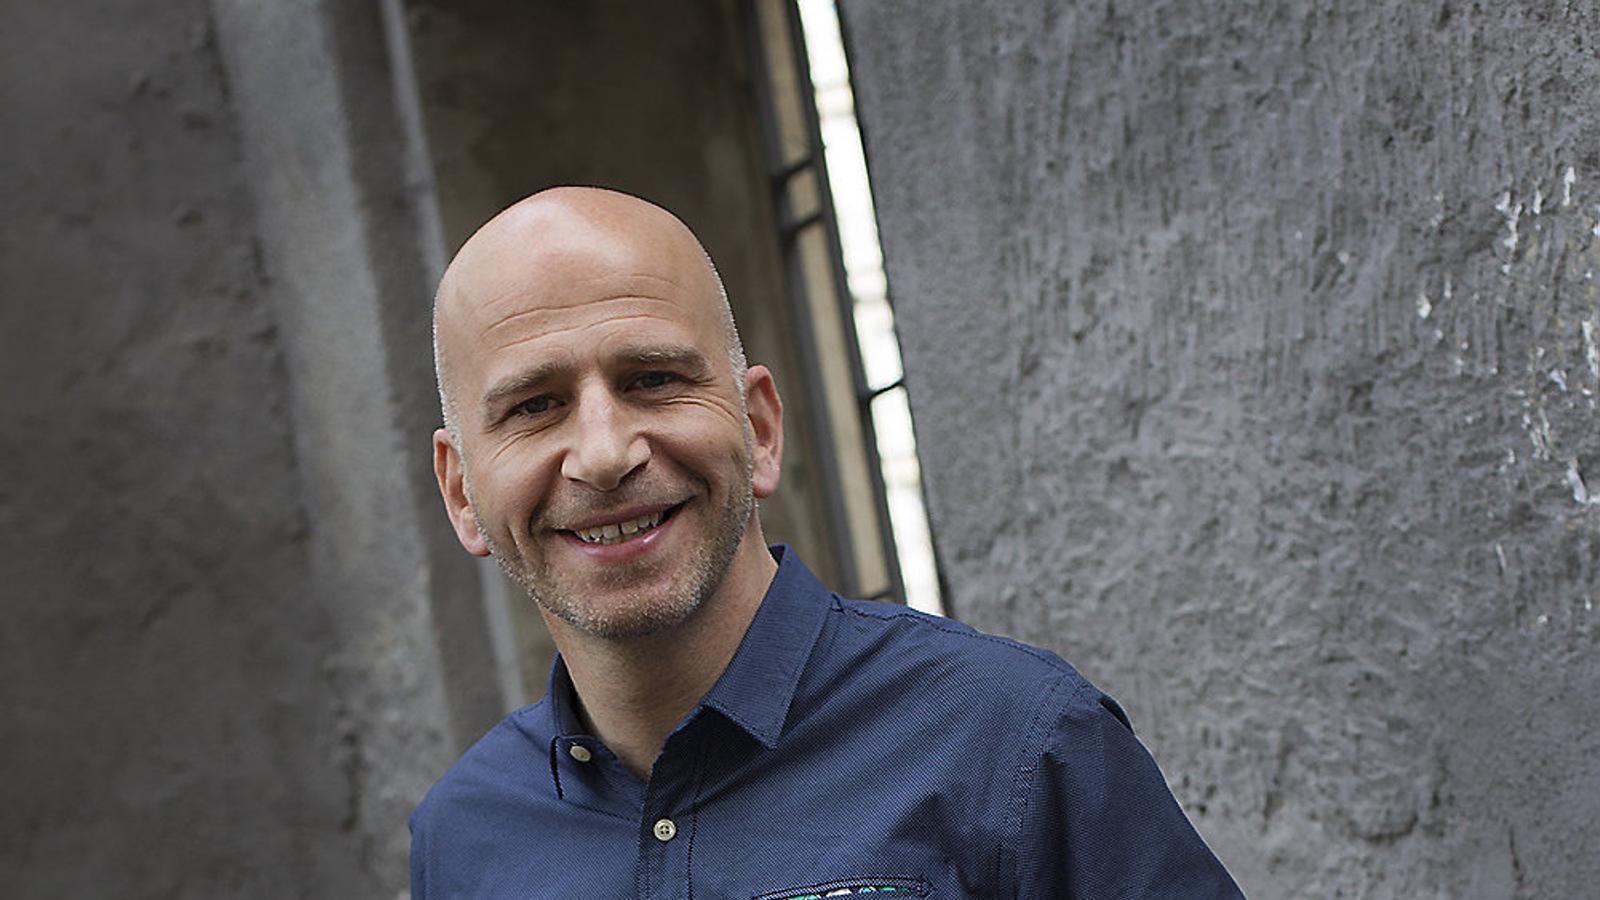 Xavi Coral és actualment corresponsal a Brussel·les de TV3  i aspira a fer carrera en altres destins internacionals.